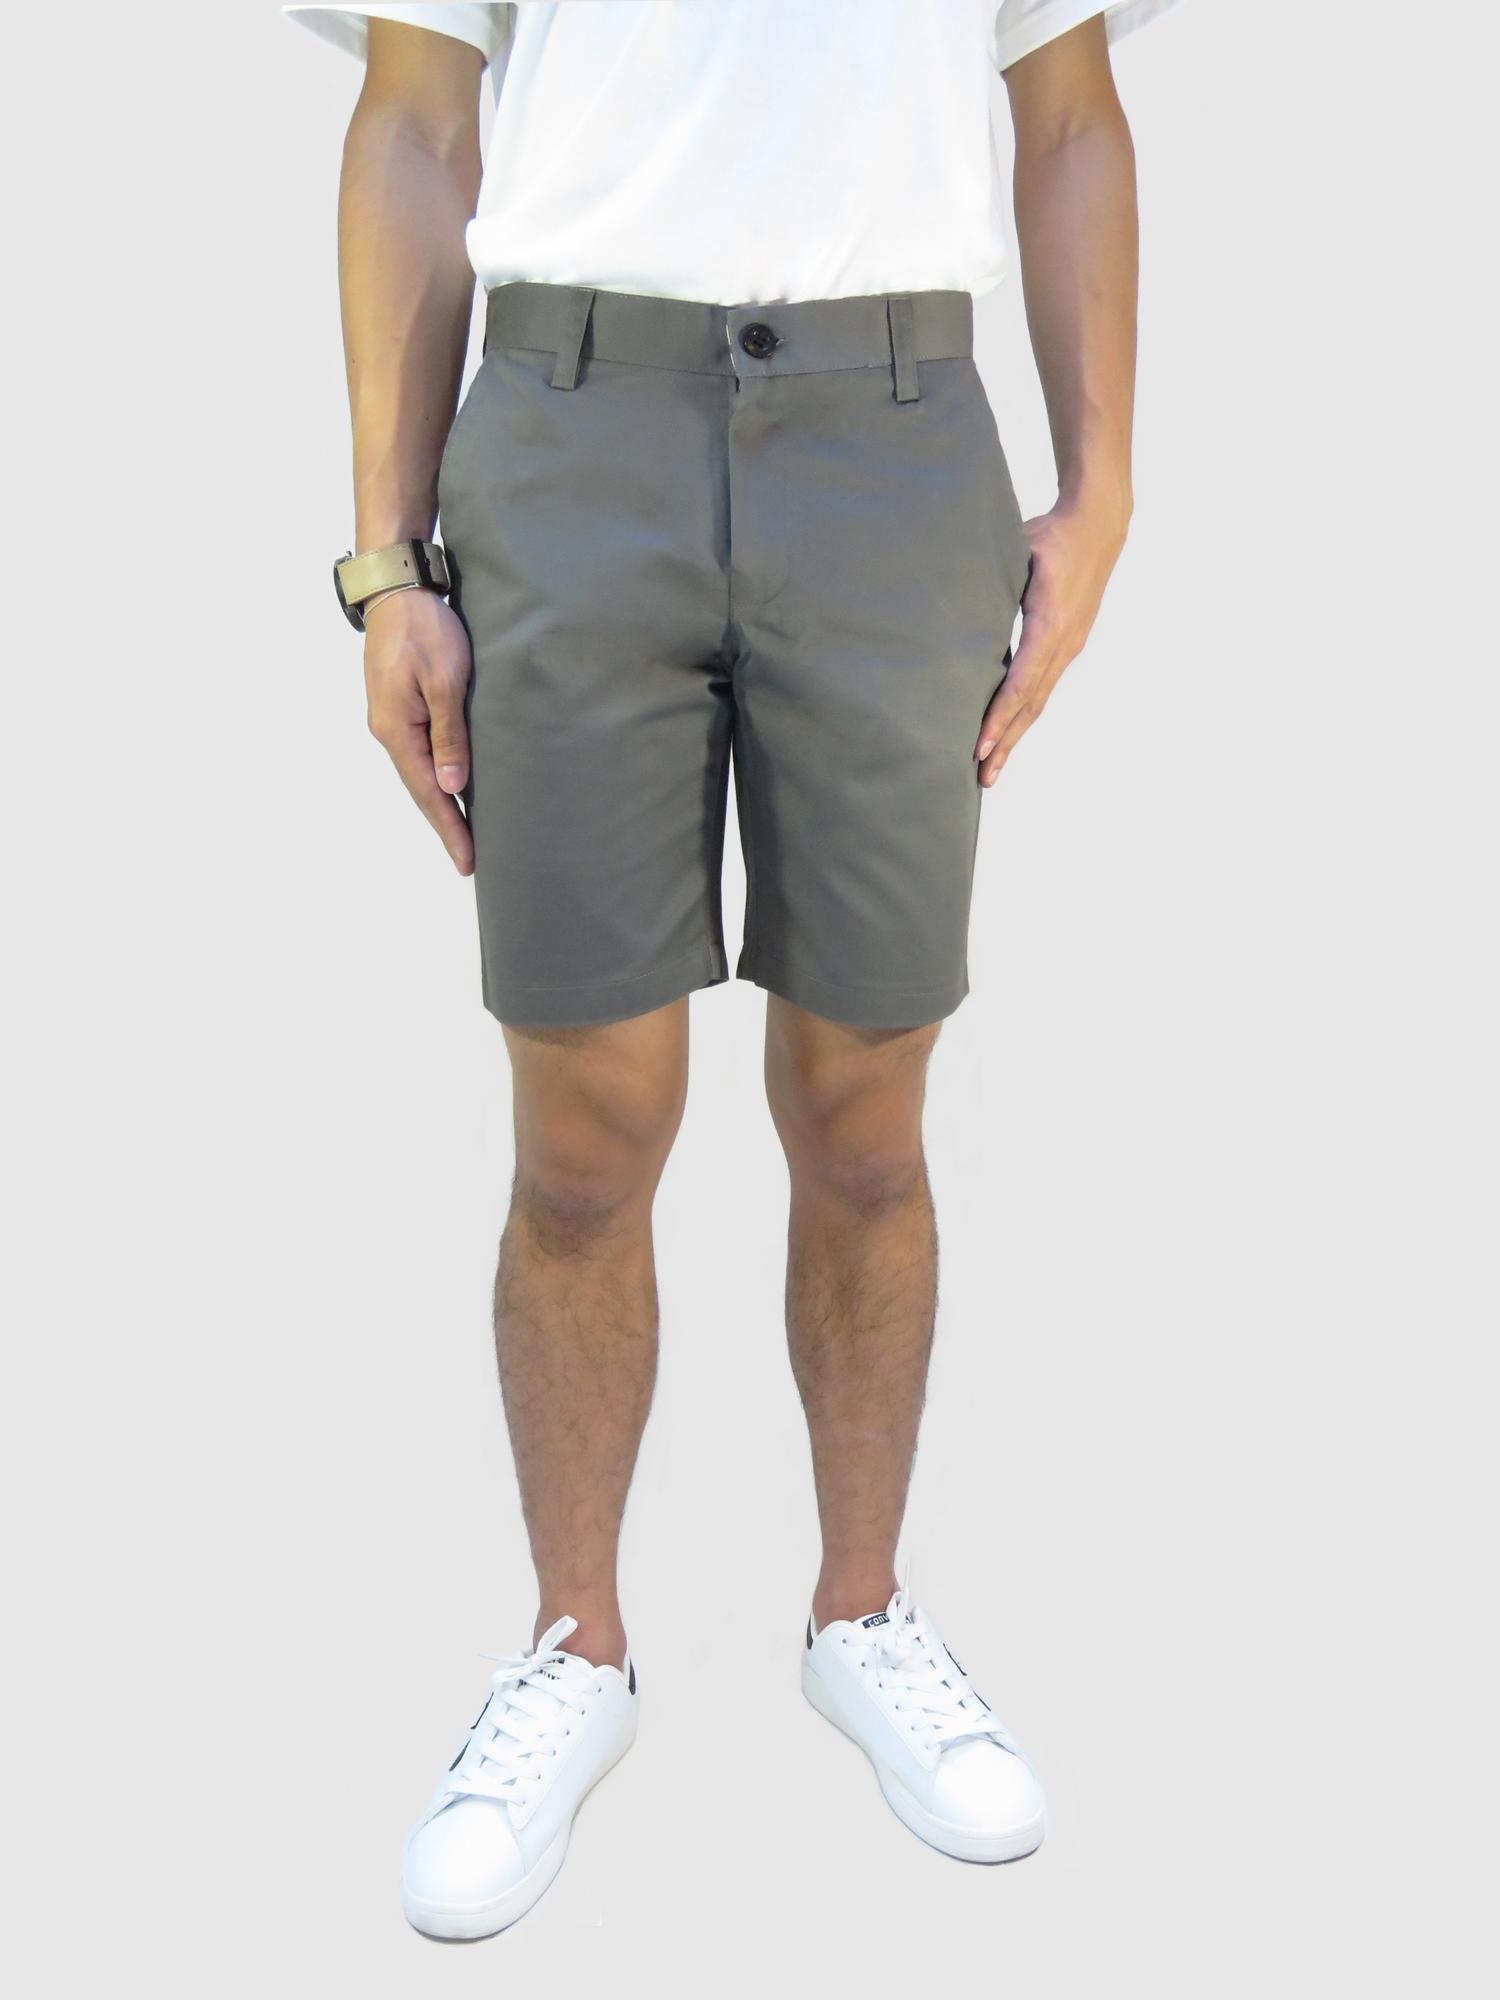 กางเกงขาสั้นชาย สีเทาเข้ม